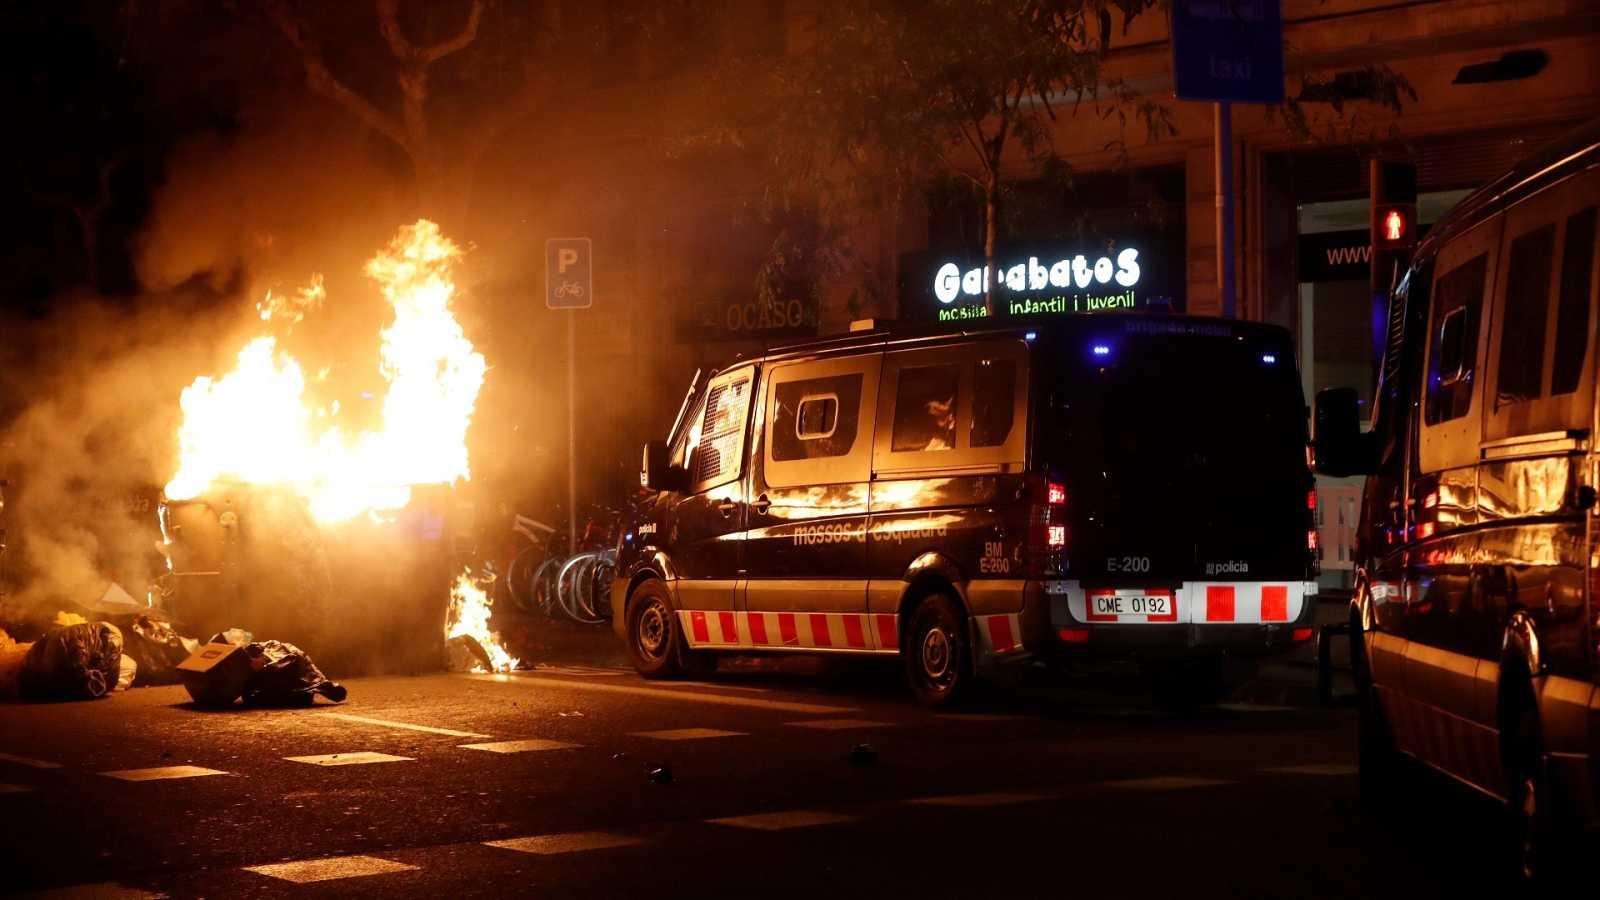 Furgones de los Mossos d'Esquadra durante los disturbios